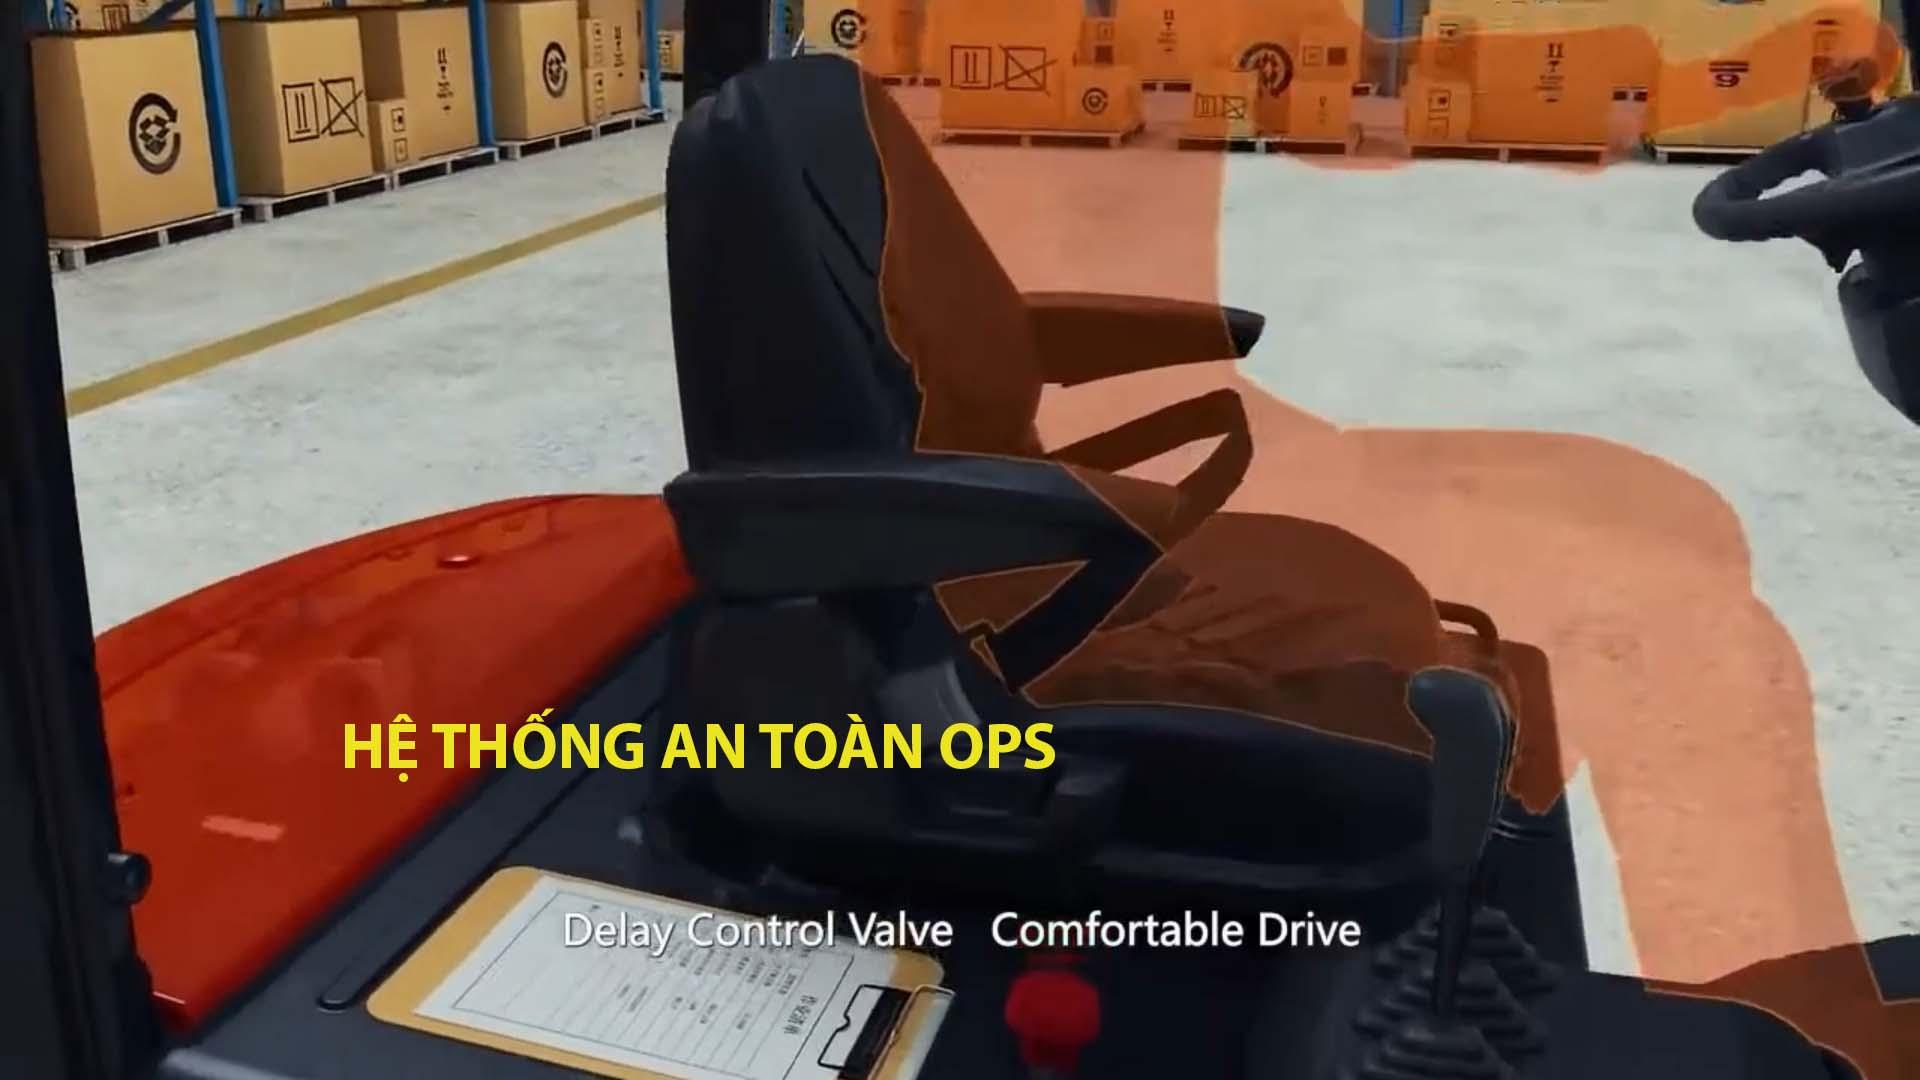 Hệ thống an toàn OPS